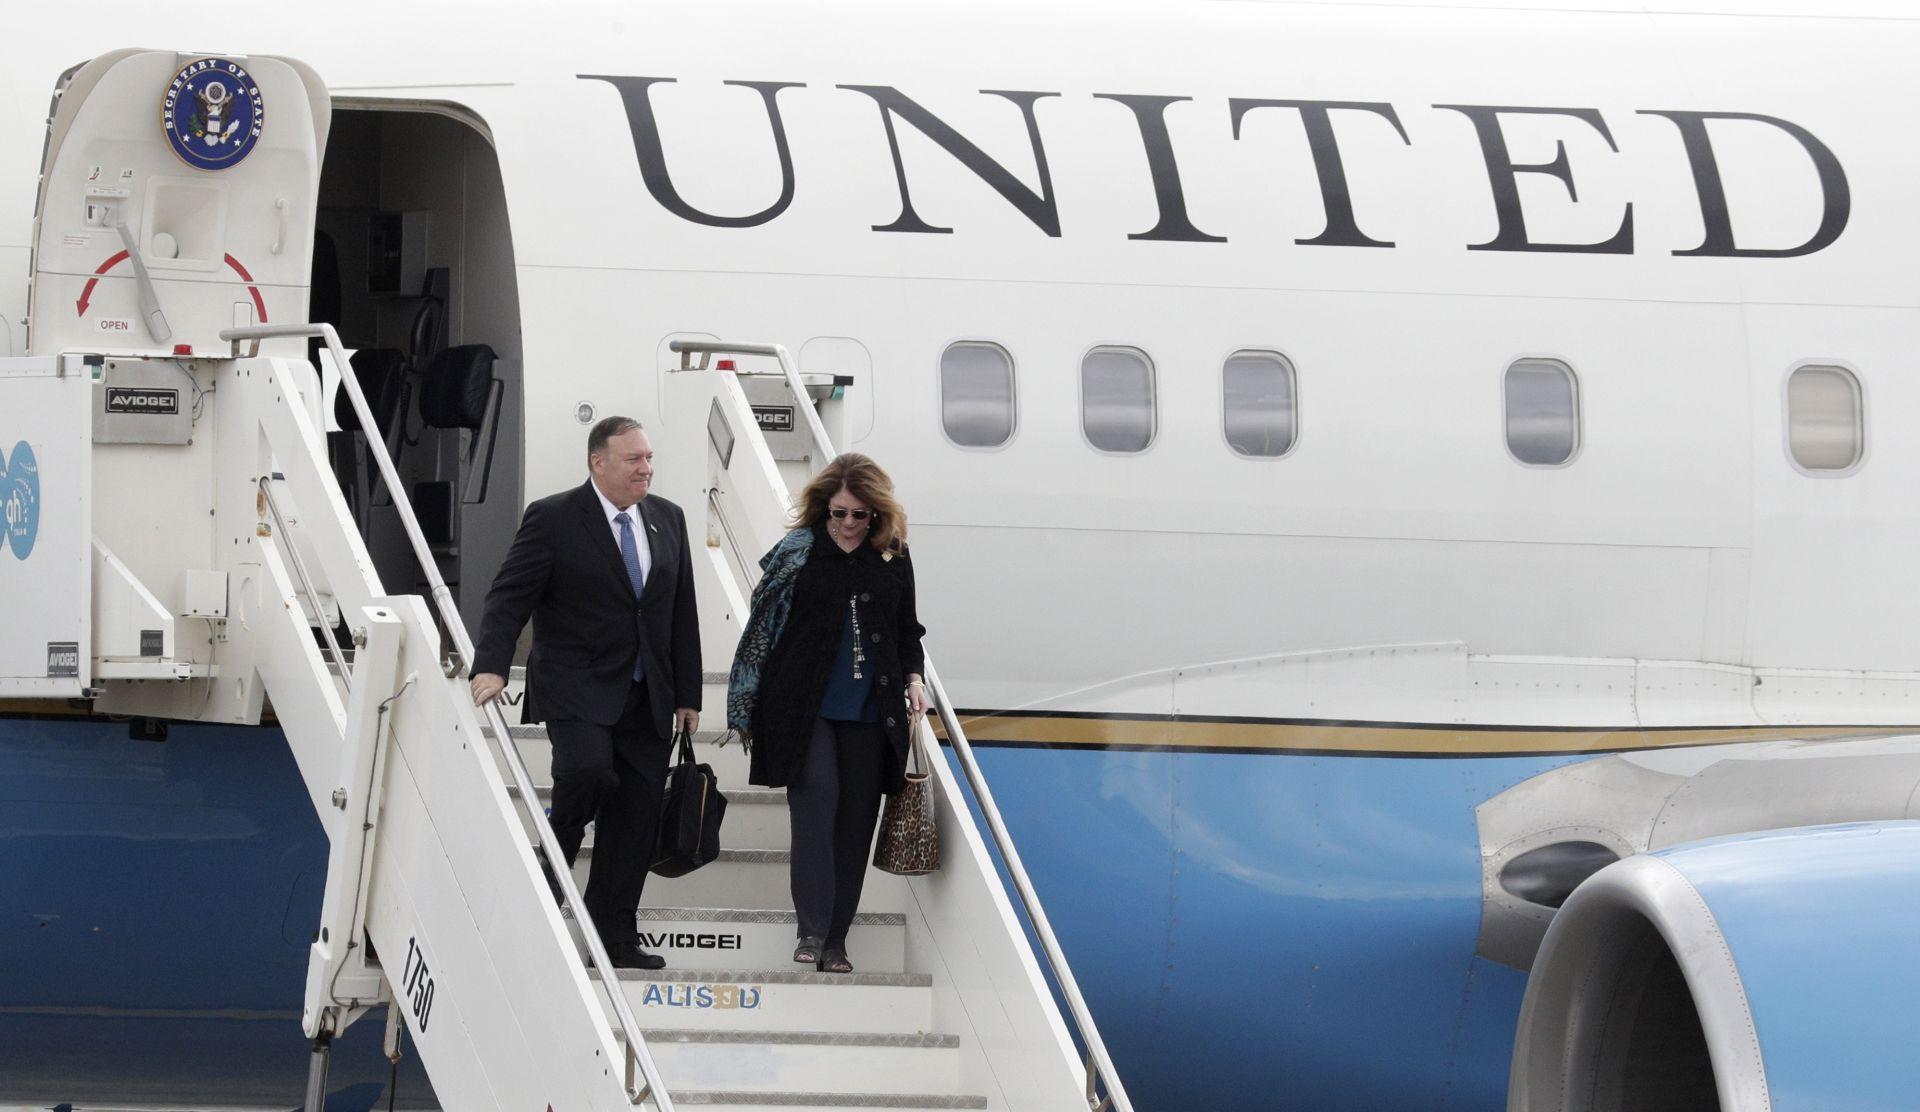 Майк Помпейо пристигна в Европа заедно със съпругата си Сюзан